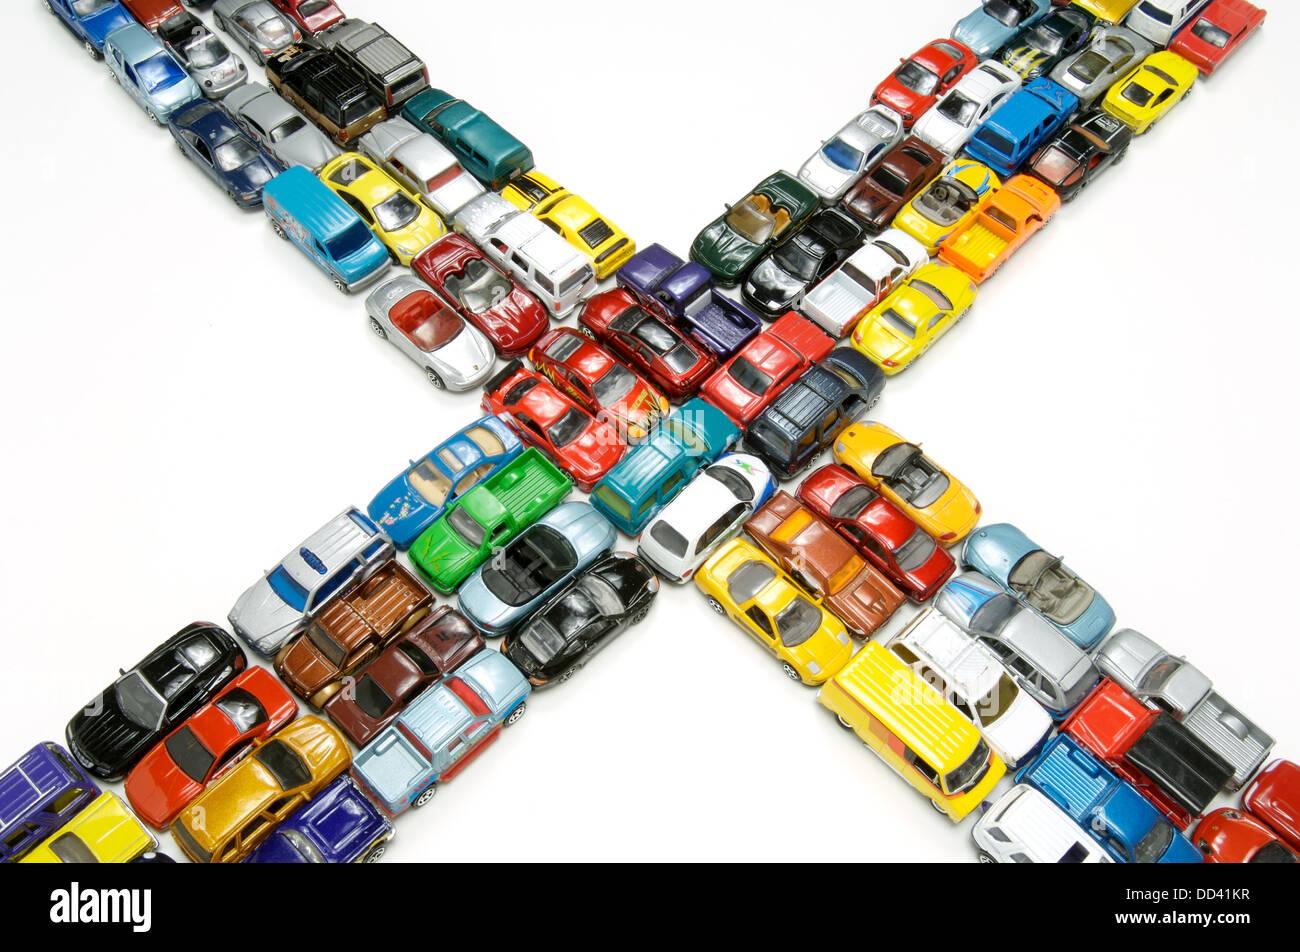 Ein Stau von Miniatur-Spielzeug-Autos an einer Kreuzung. Stockbild